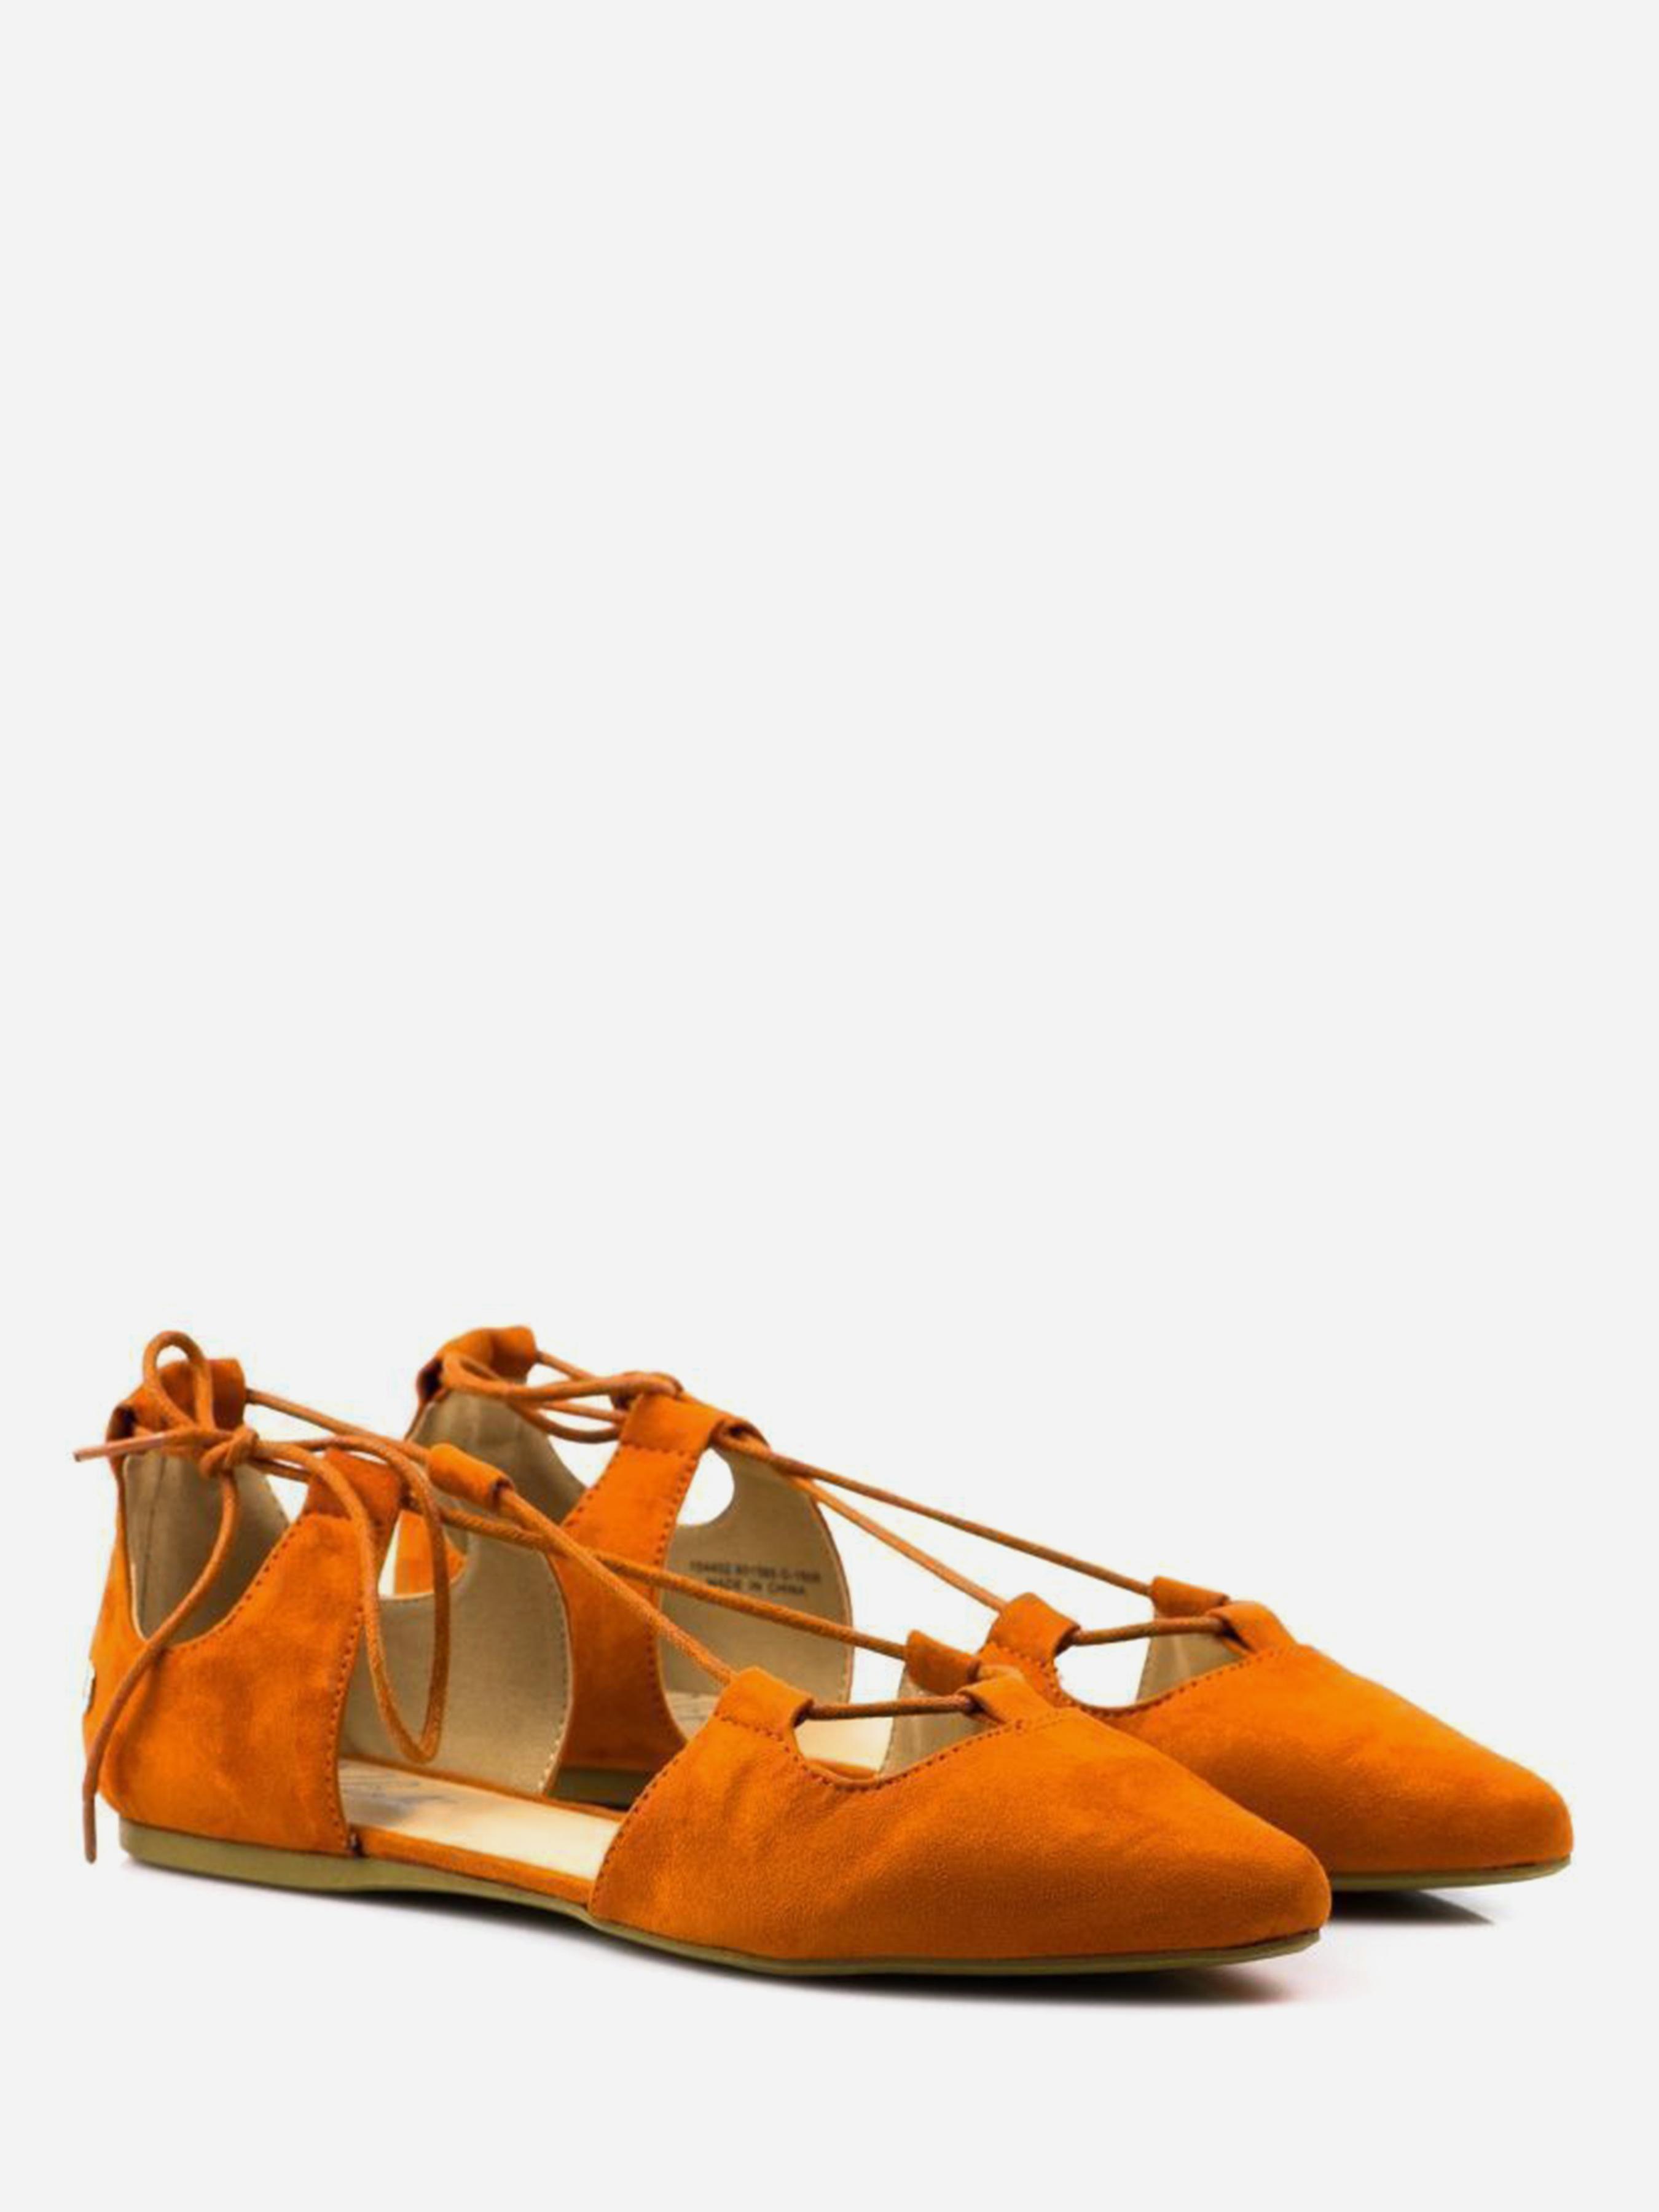 Сандалии для женщин BLINK BL1834 размерная сетка обуви, 2017